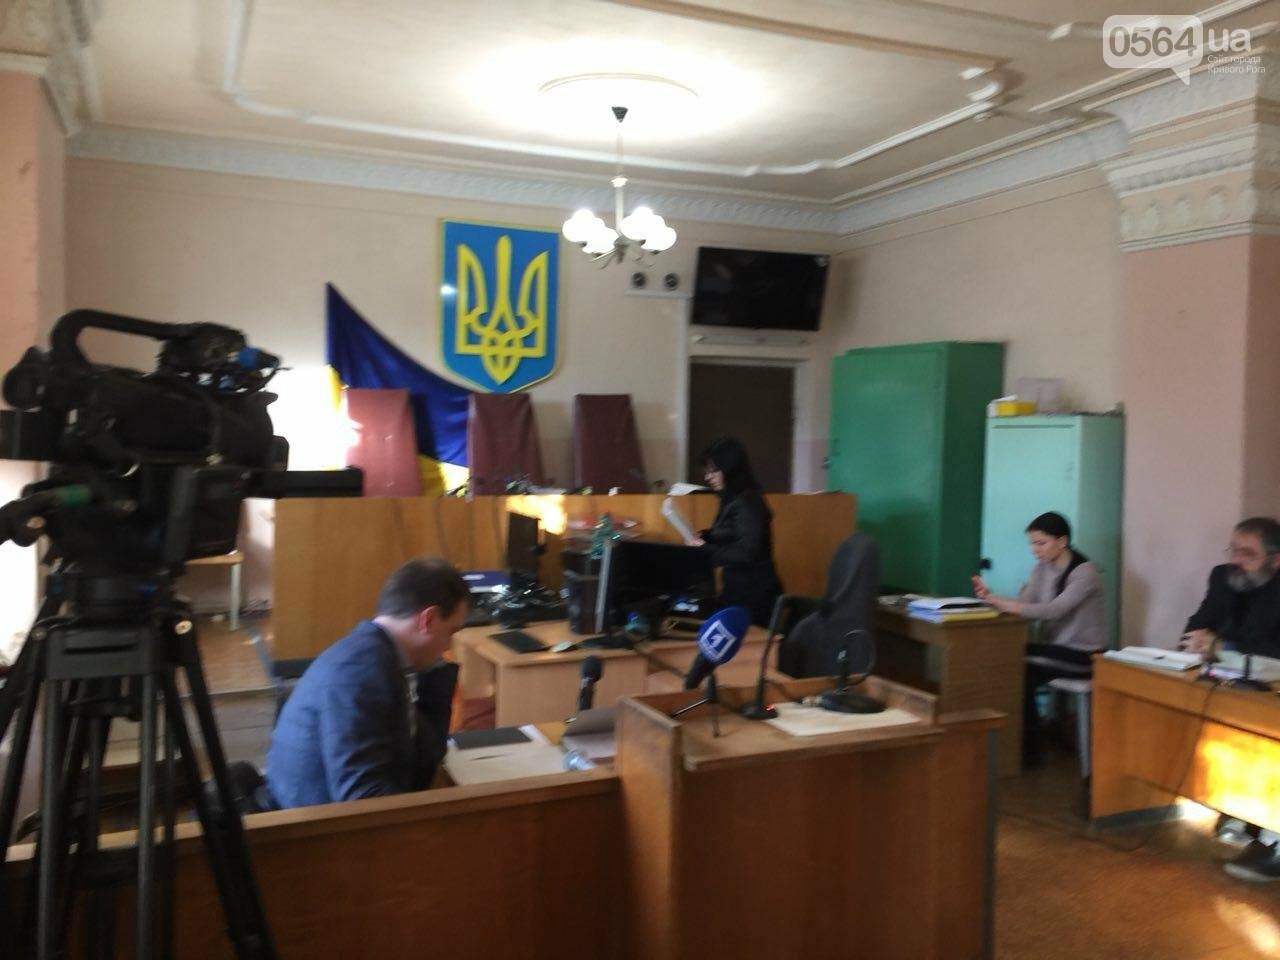 В суде по делу тяжело раненого криворожского журналиста давали показания коллеги и заместитель военкома (ФОТО), фото-2